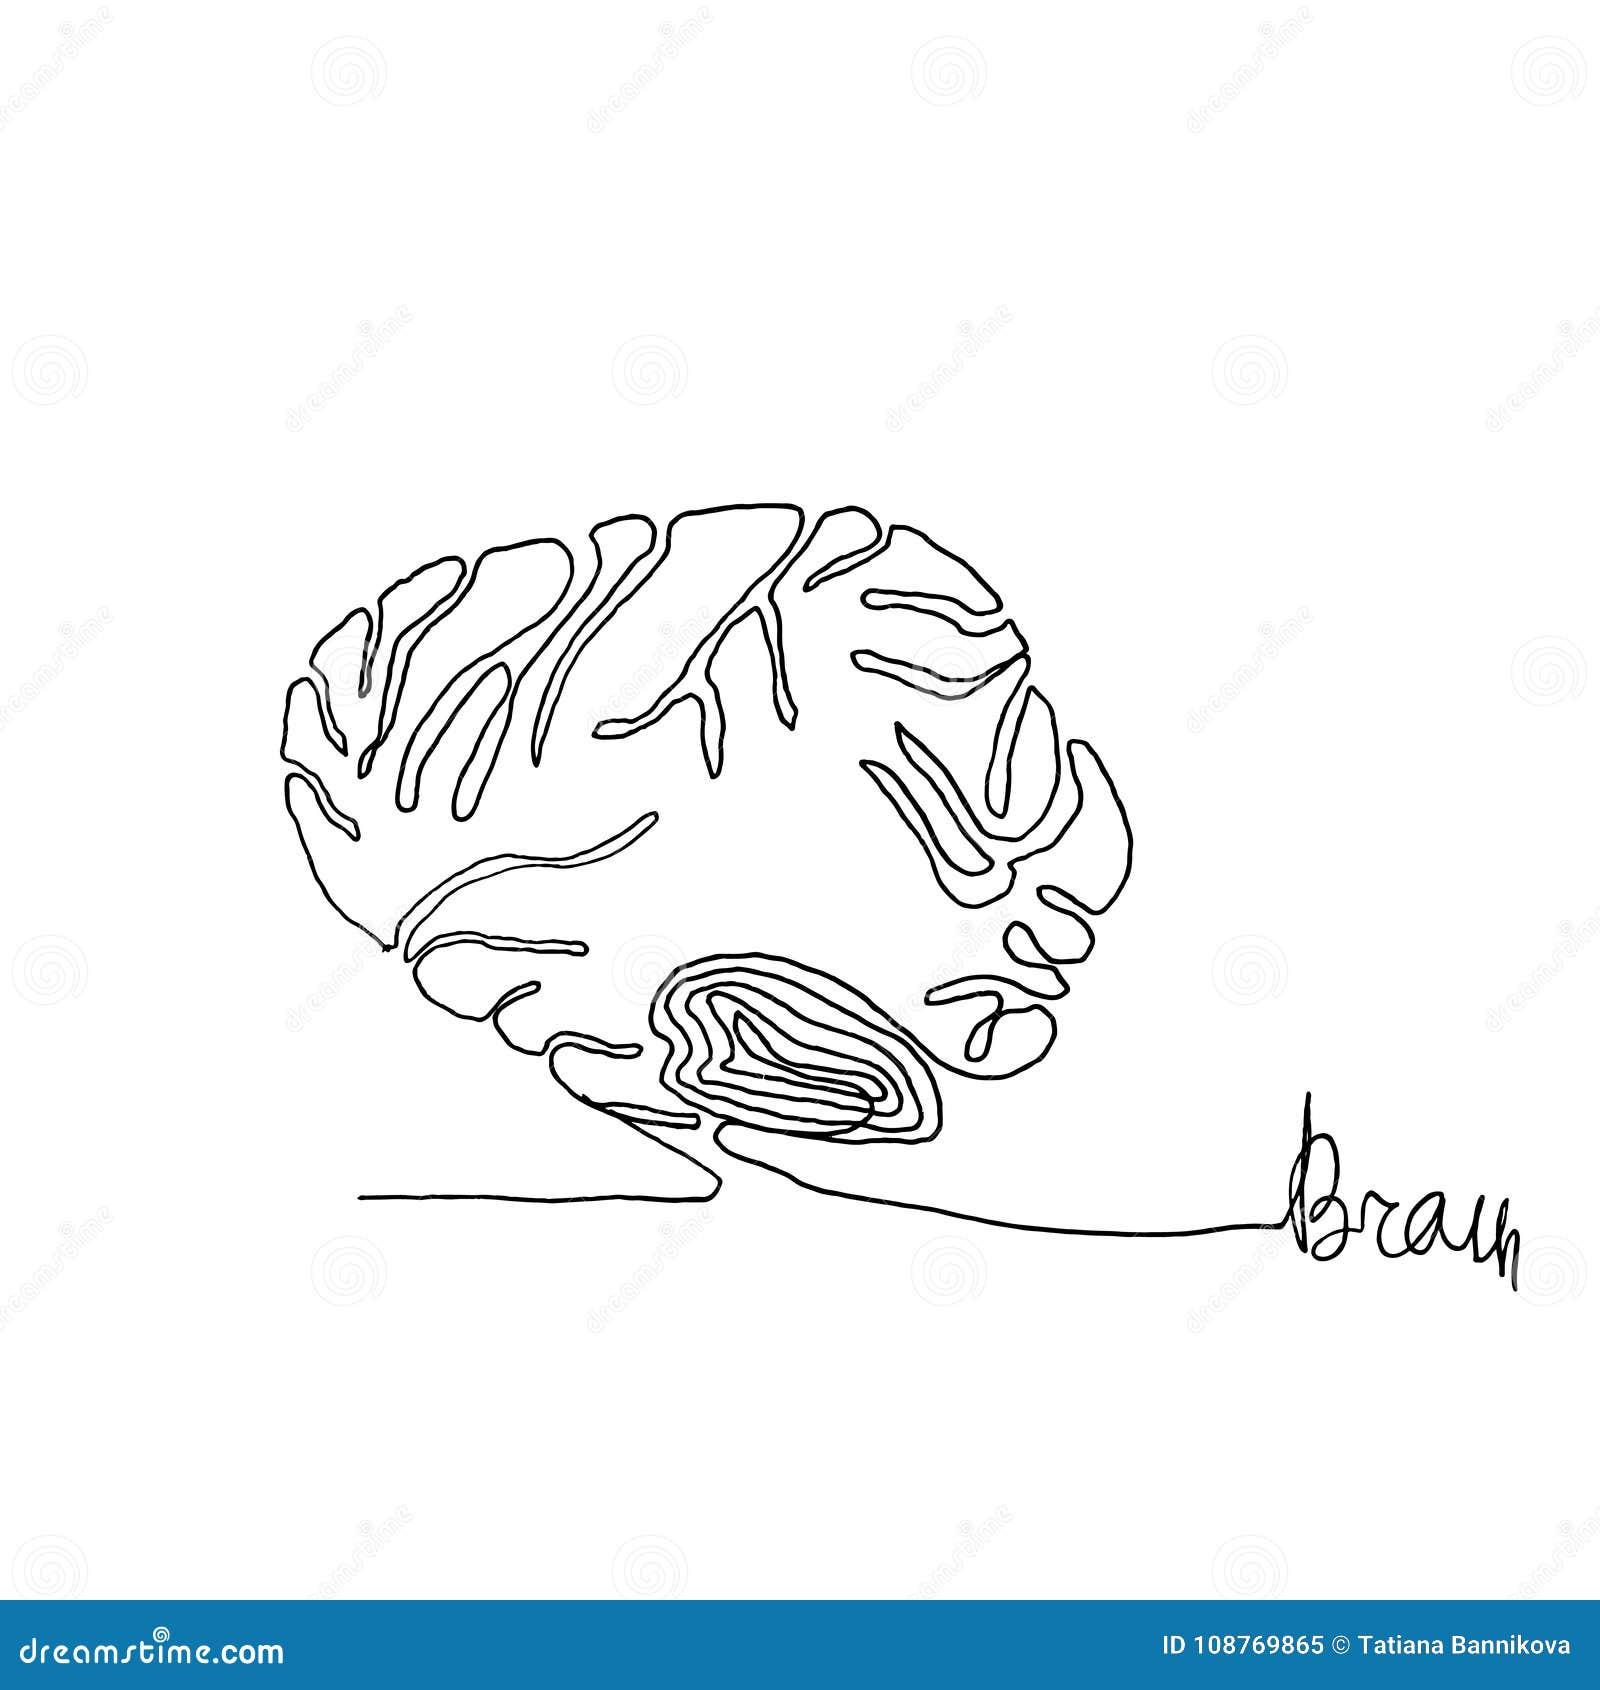 Un Dibujo Lineal Continuo Cerebro De Seres Humanos De La Anatomía St ...